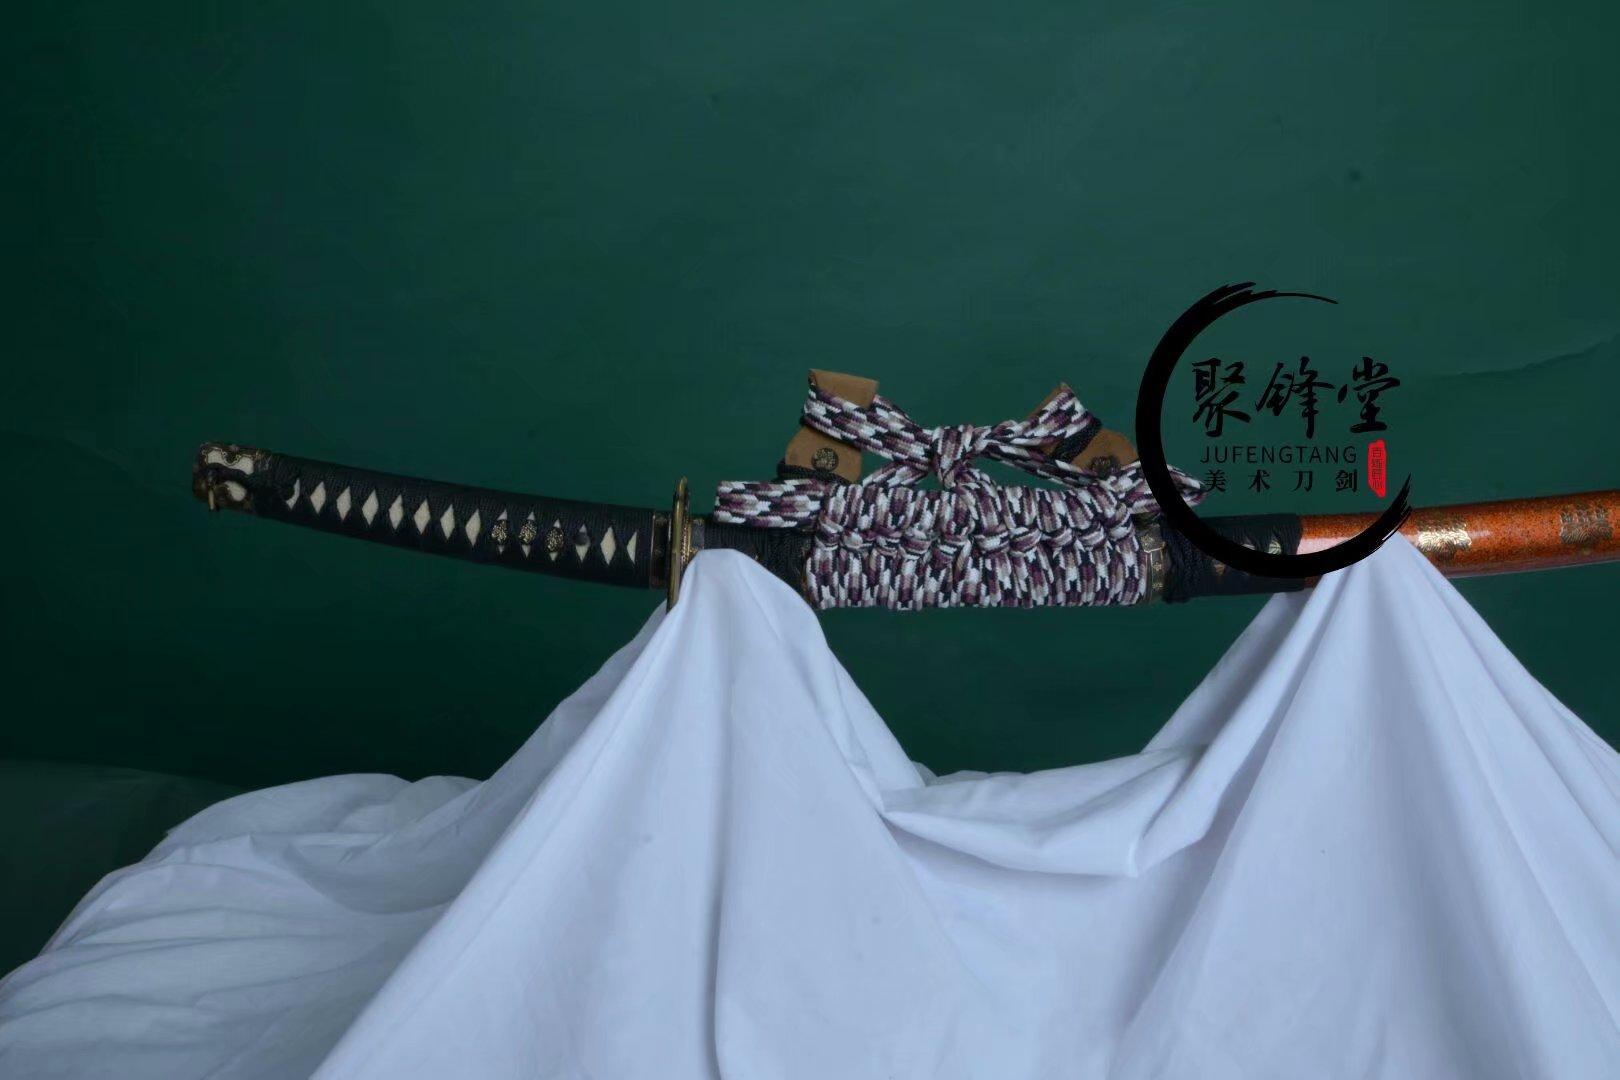 童子切安鋼3.2版本 - 聚鋒堂美術刀劍-名刀復刻,日本武士刀,太刀,唐刀,漢劍,雁翎刀,龍泉刀劍